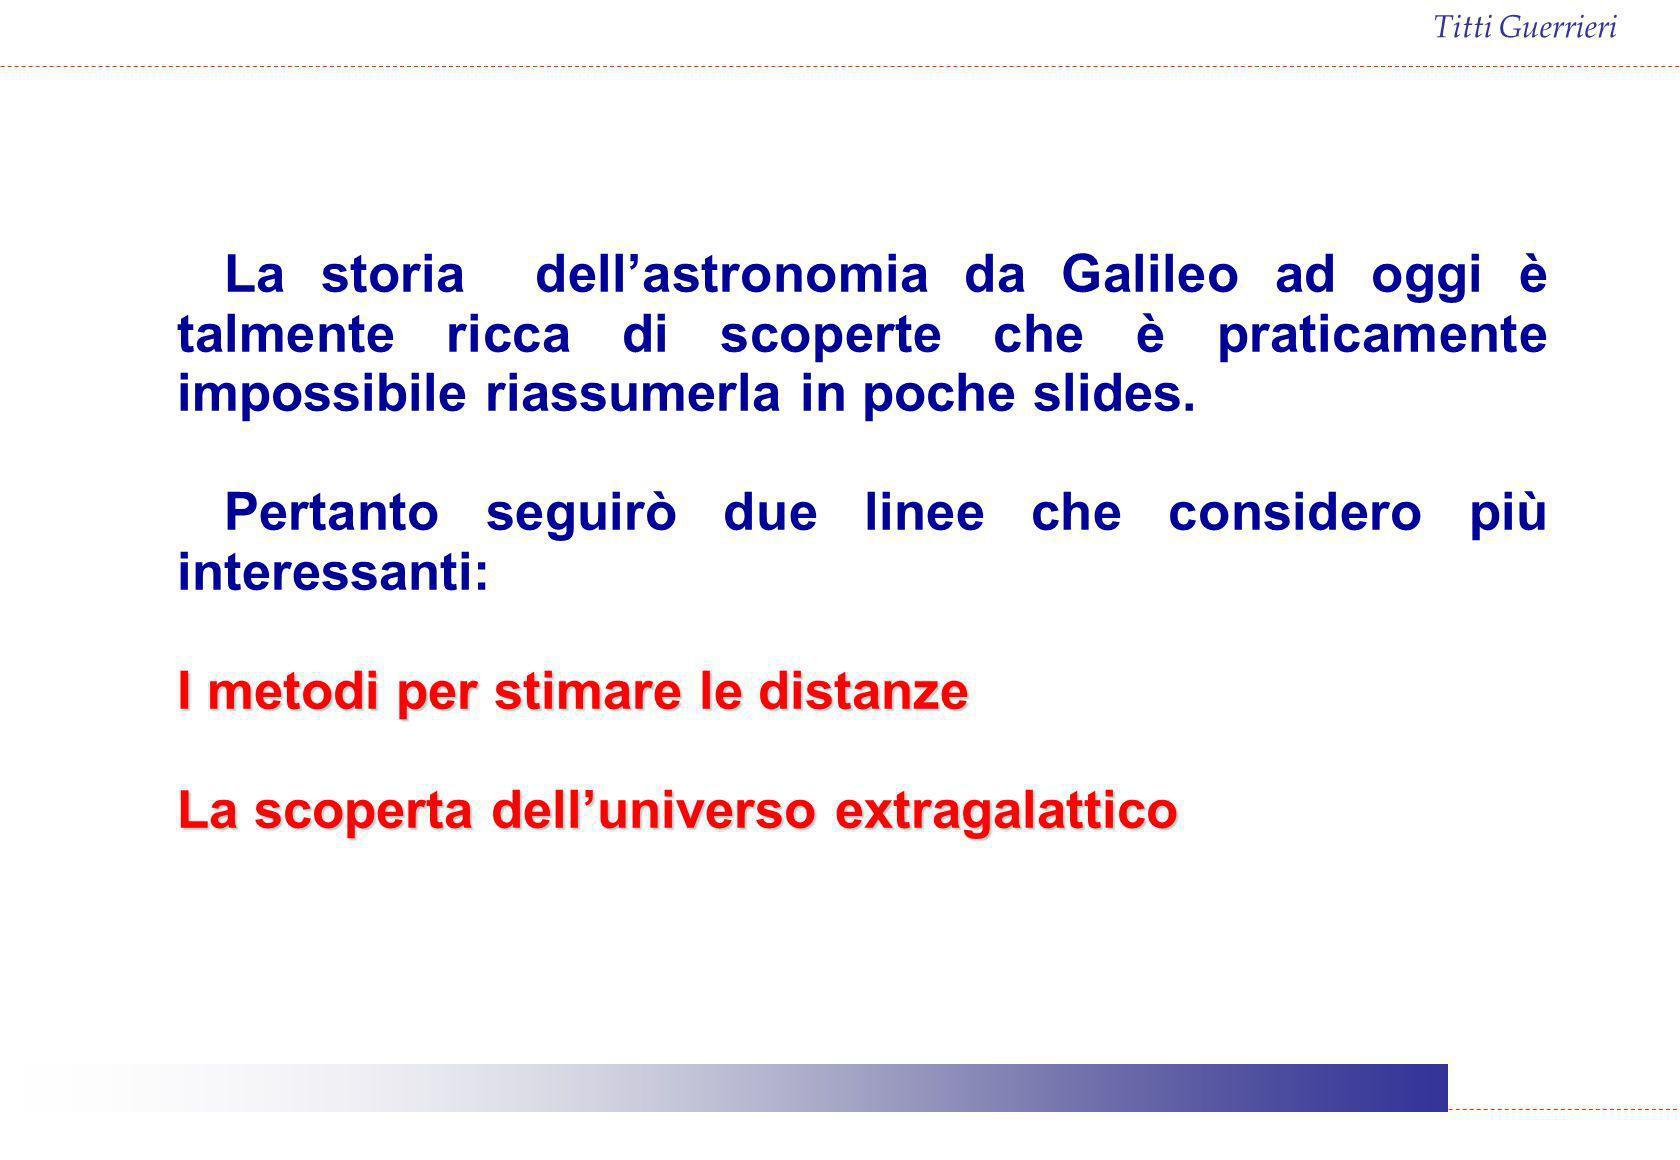 Titti Guerrieri Herschel (1738 – 1822) cerca di misurare la parallasse prendendo due stelle prospetticamente vicine tra loro.